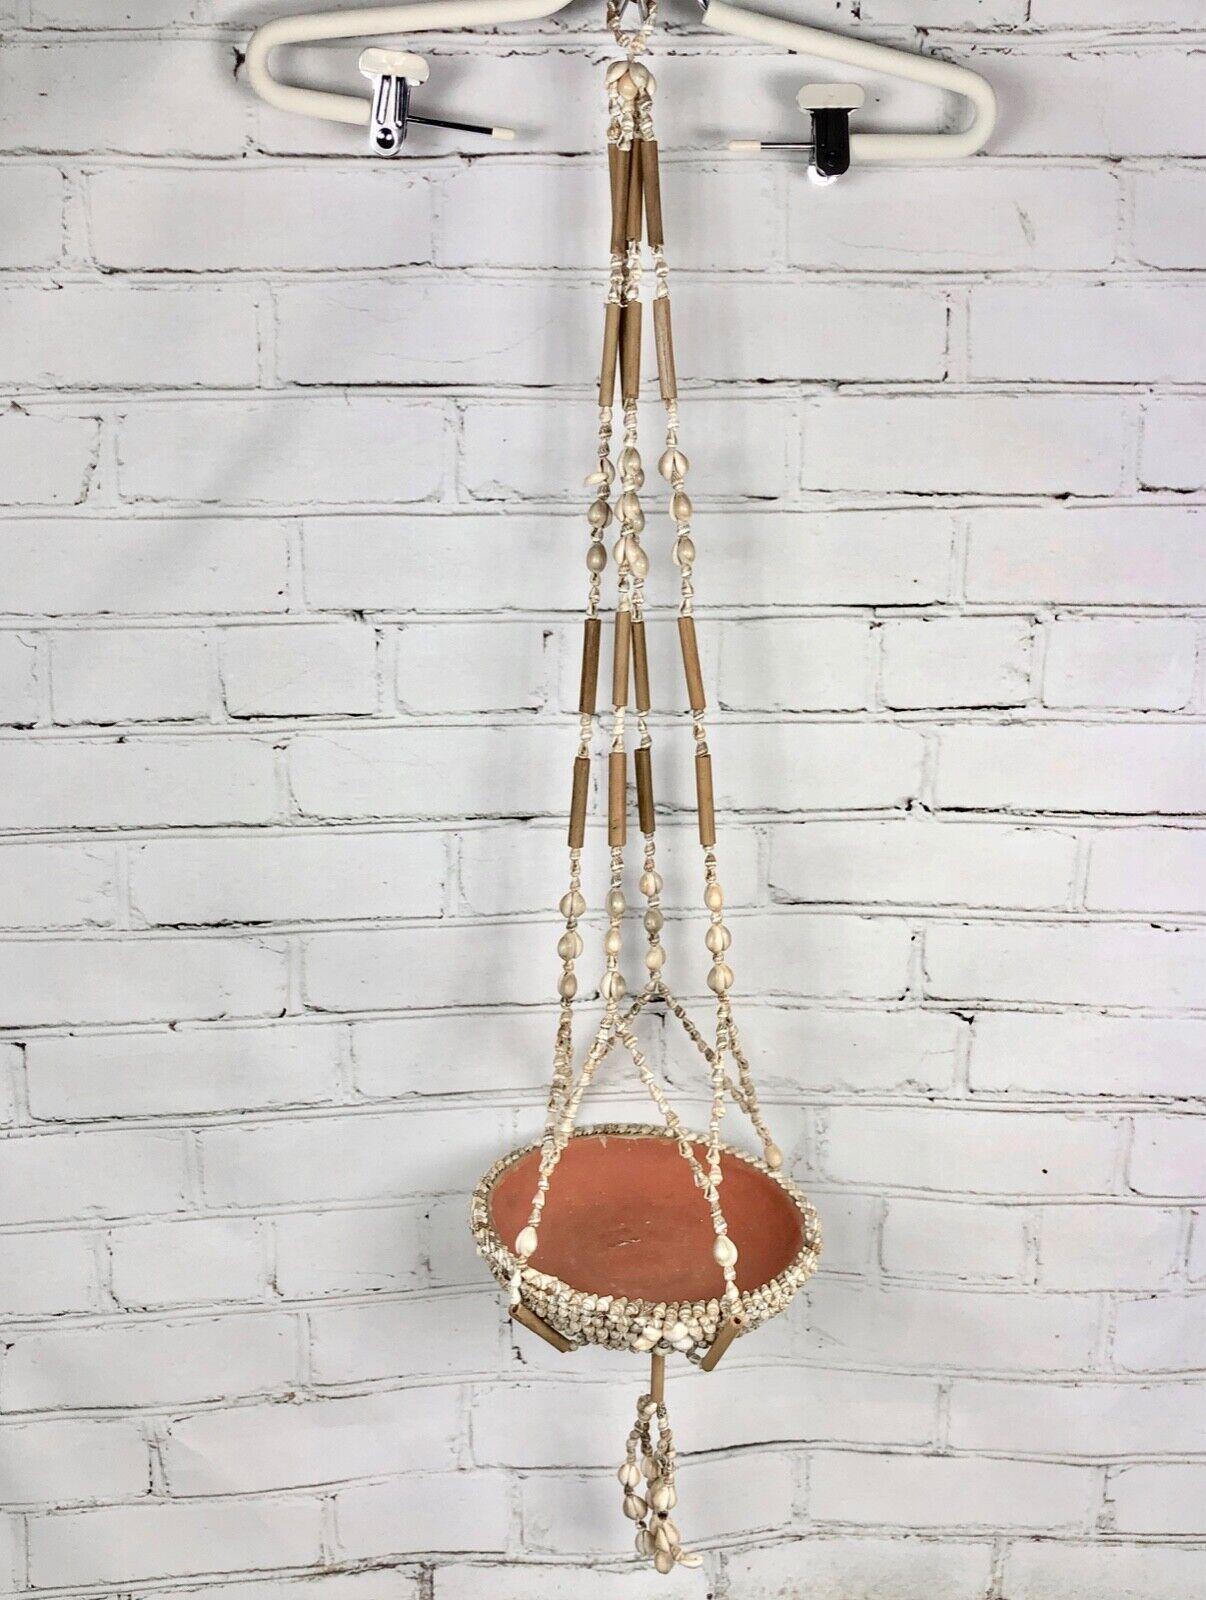 Planta Colgante Vintage 1970s Puka shell Soporte para decoración de casa de Jugara